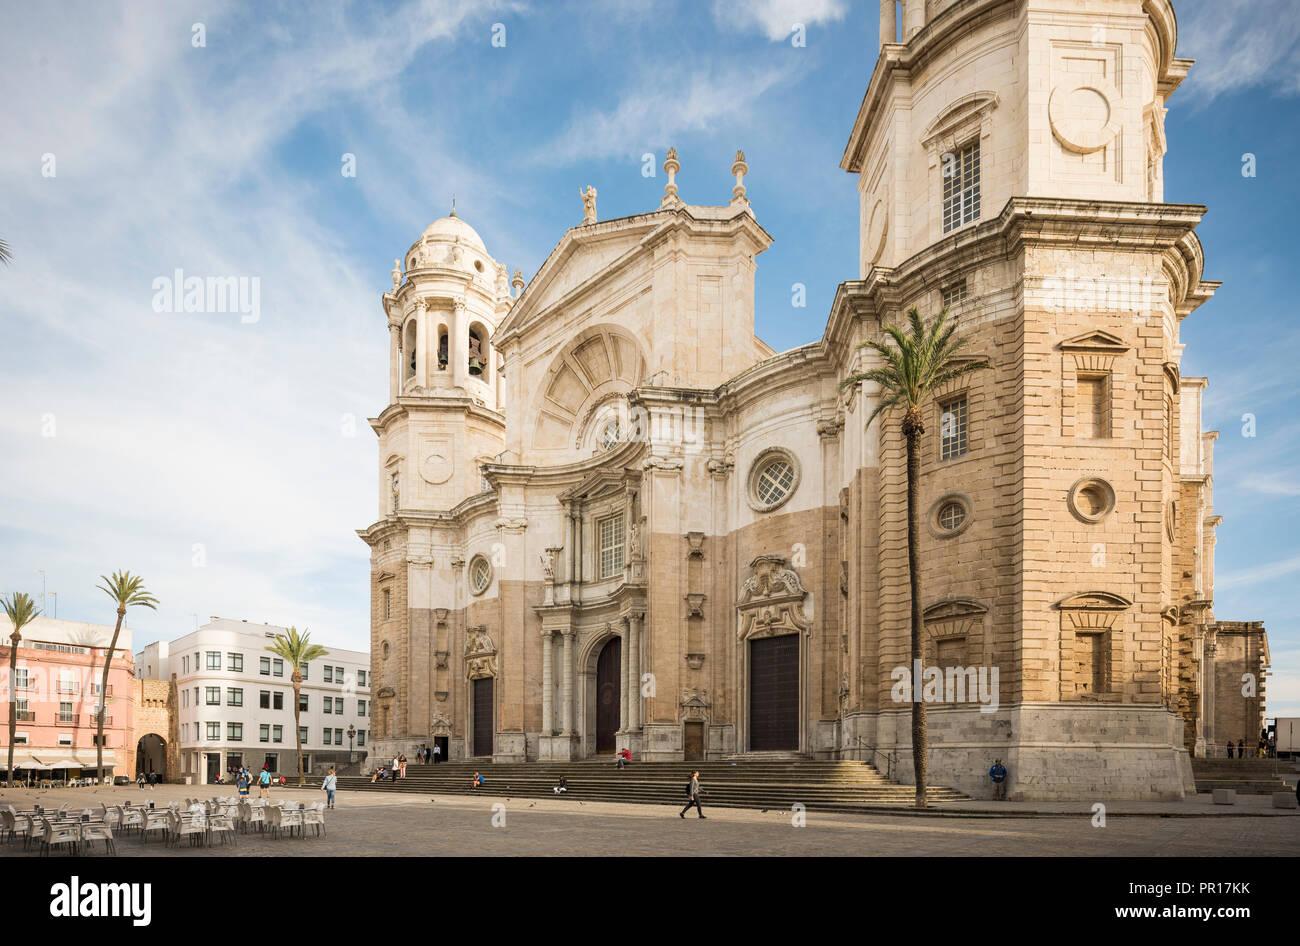 Exterior de la Catedral, Cádiz, Andalucía, España, Europa Imagen De Stock